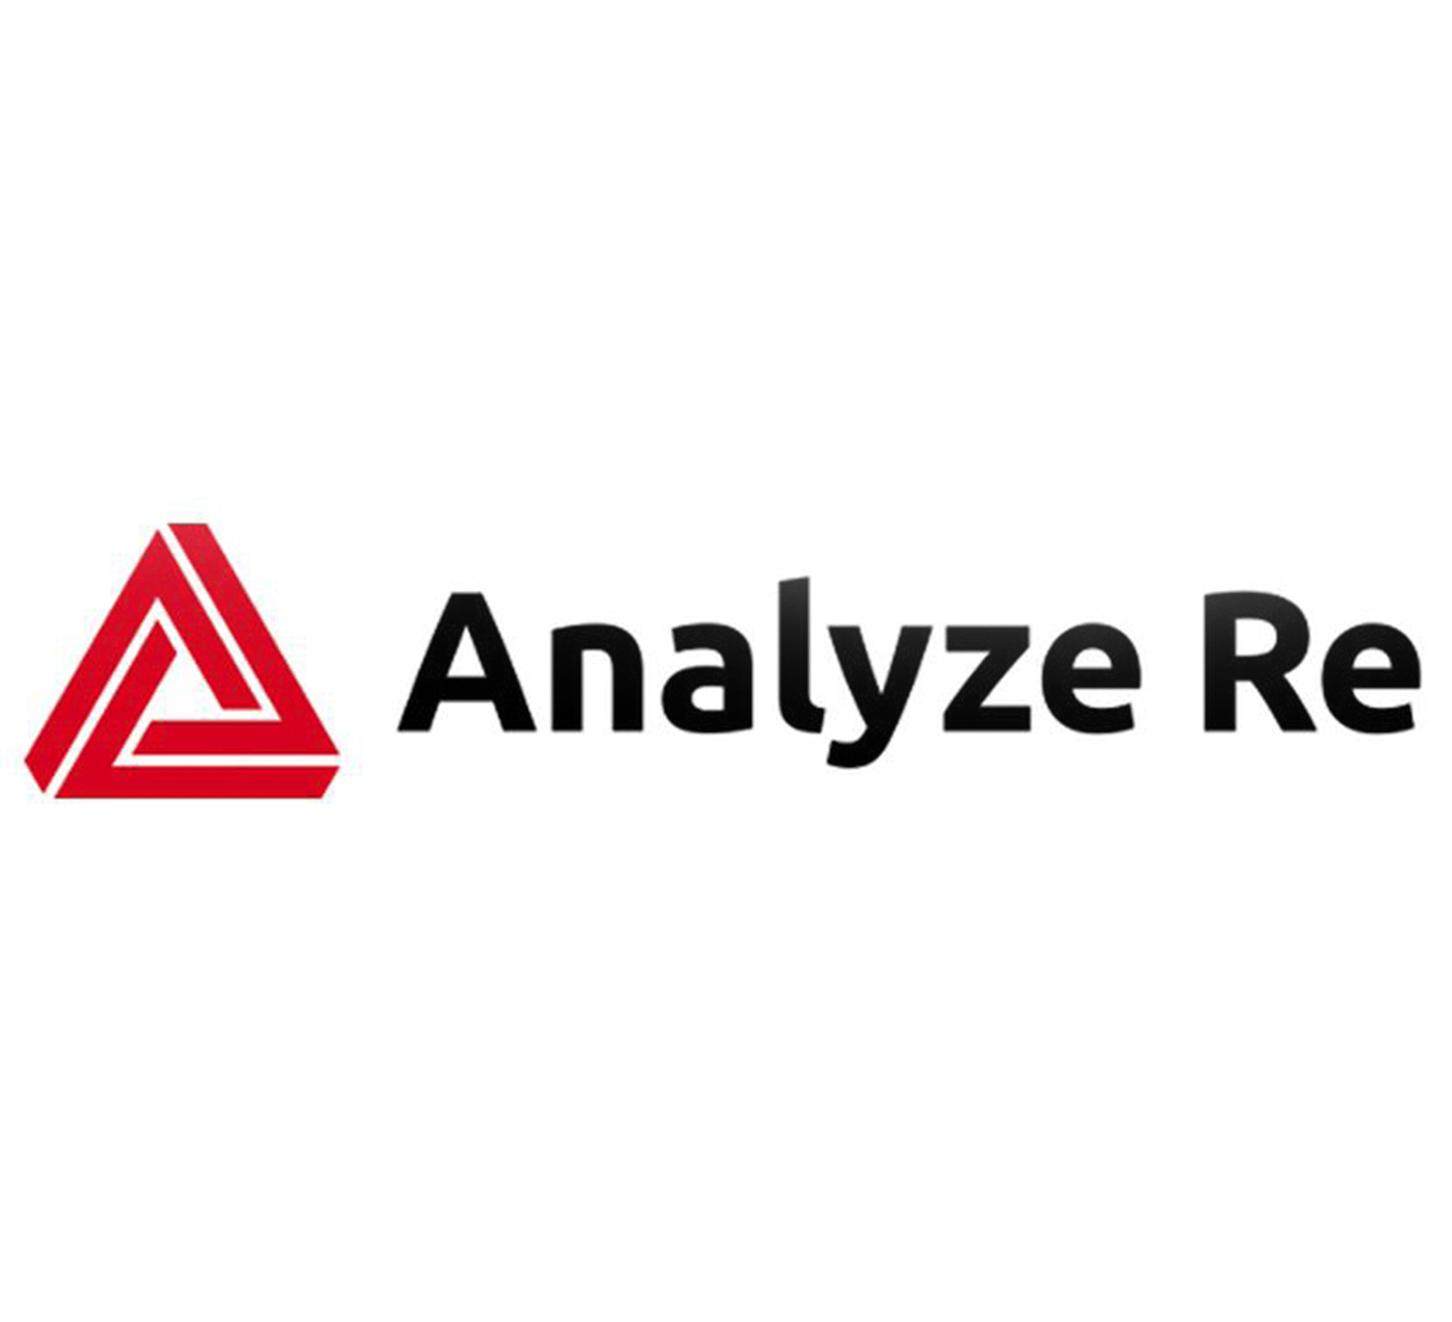 Analyze Re